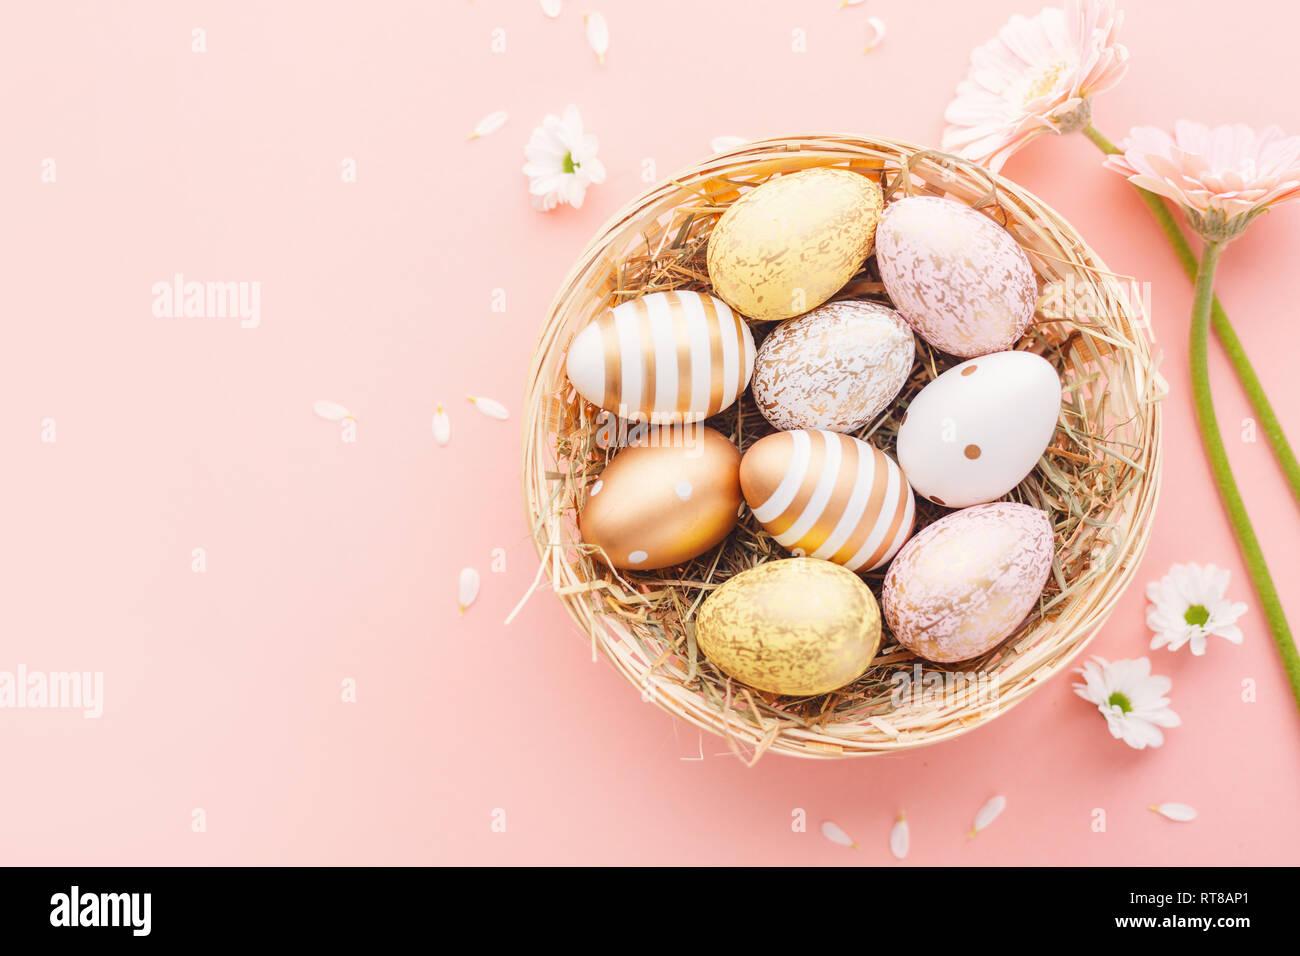 Sentar planas de huevos de Pascua el patrón oro con pequeñas flores y pétalos de color rosa de fondo. Pascua Pascua de fondo o concepto. Horizontal. Foto de stock